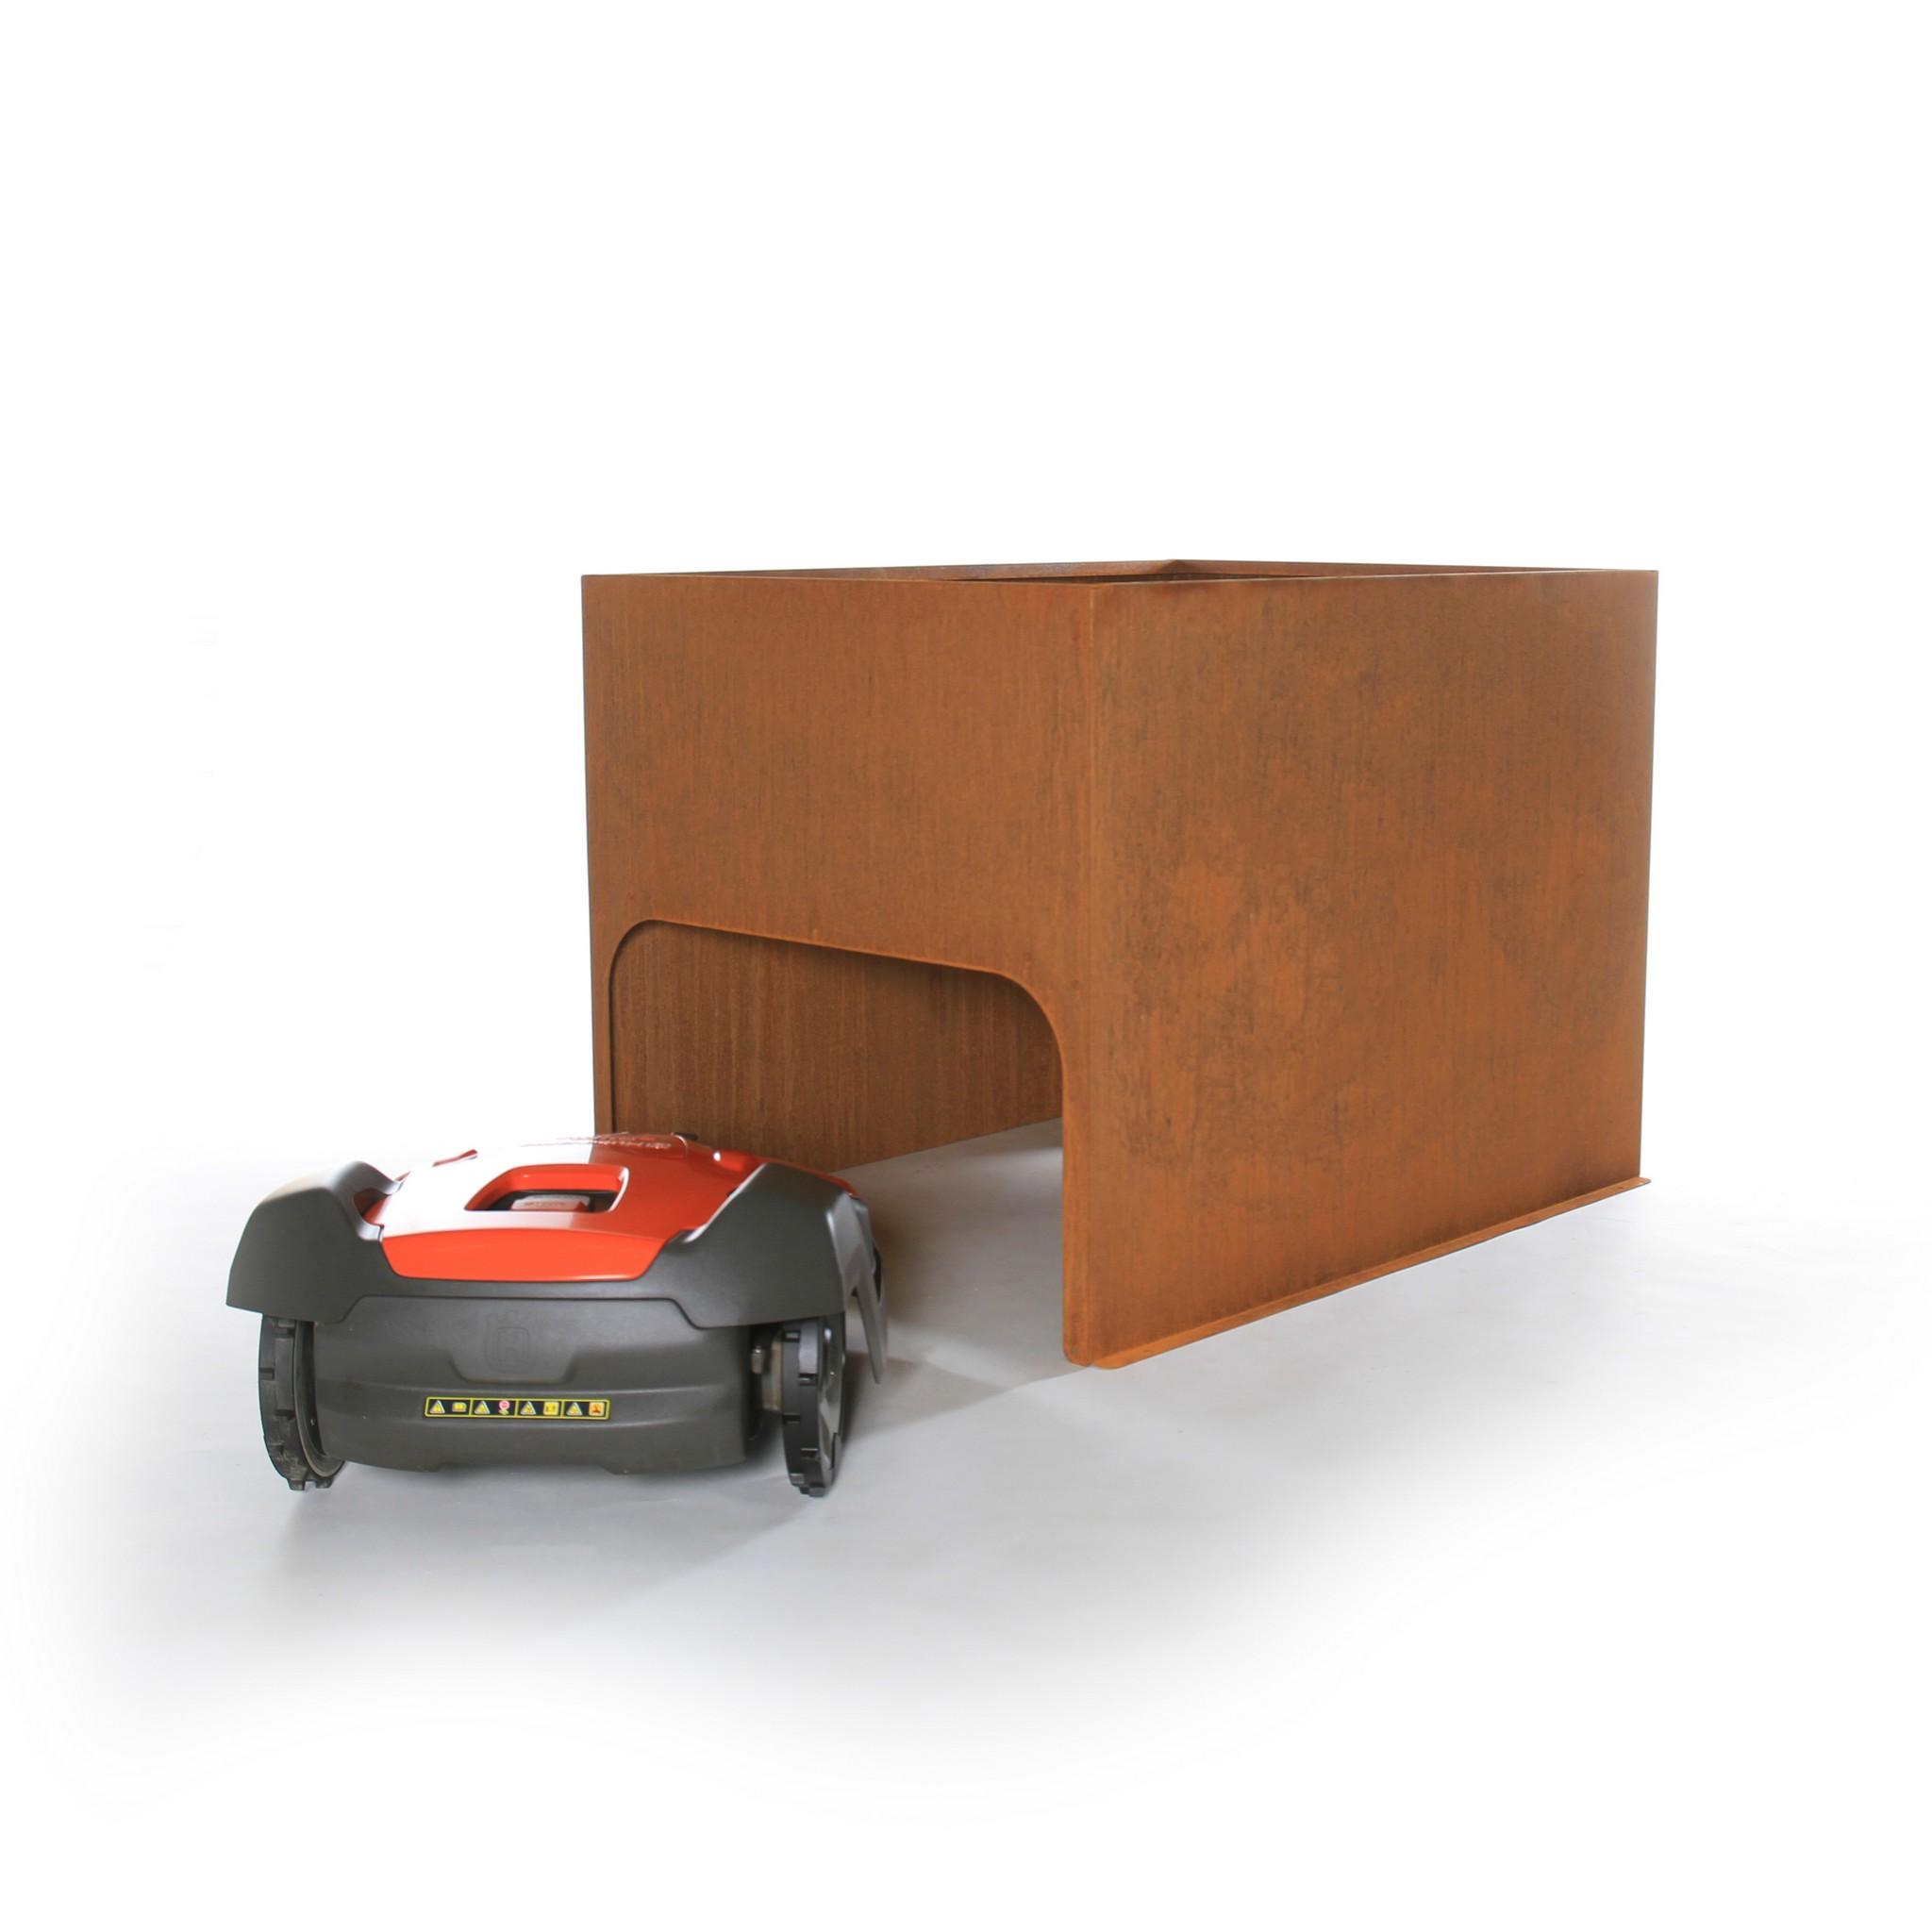 Robotmaaier garage model Plantenbak XL